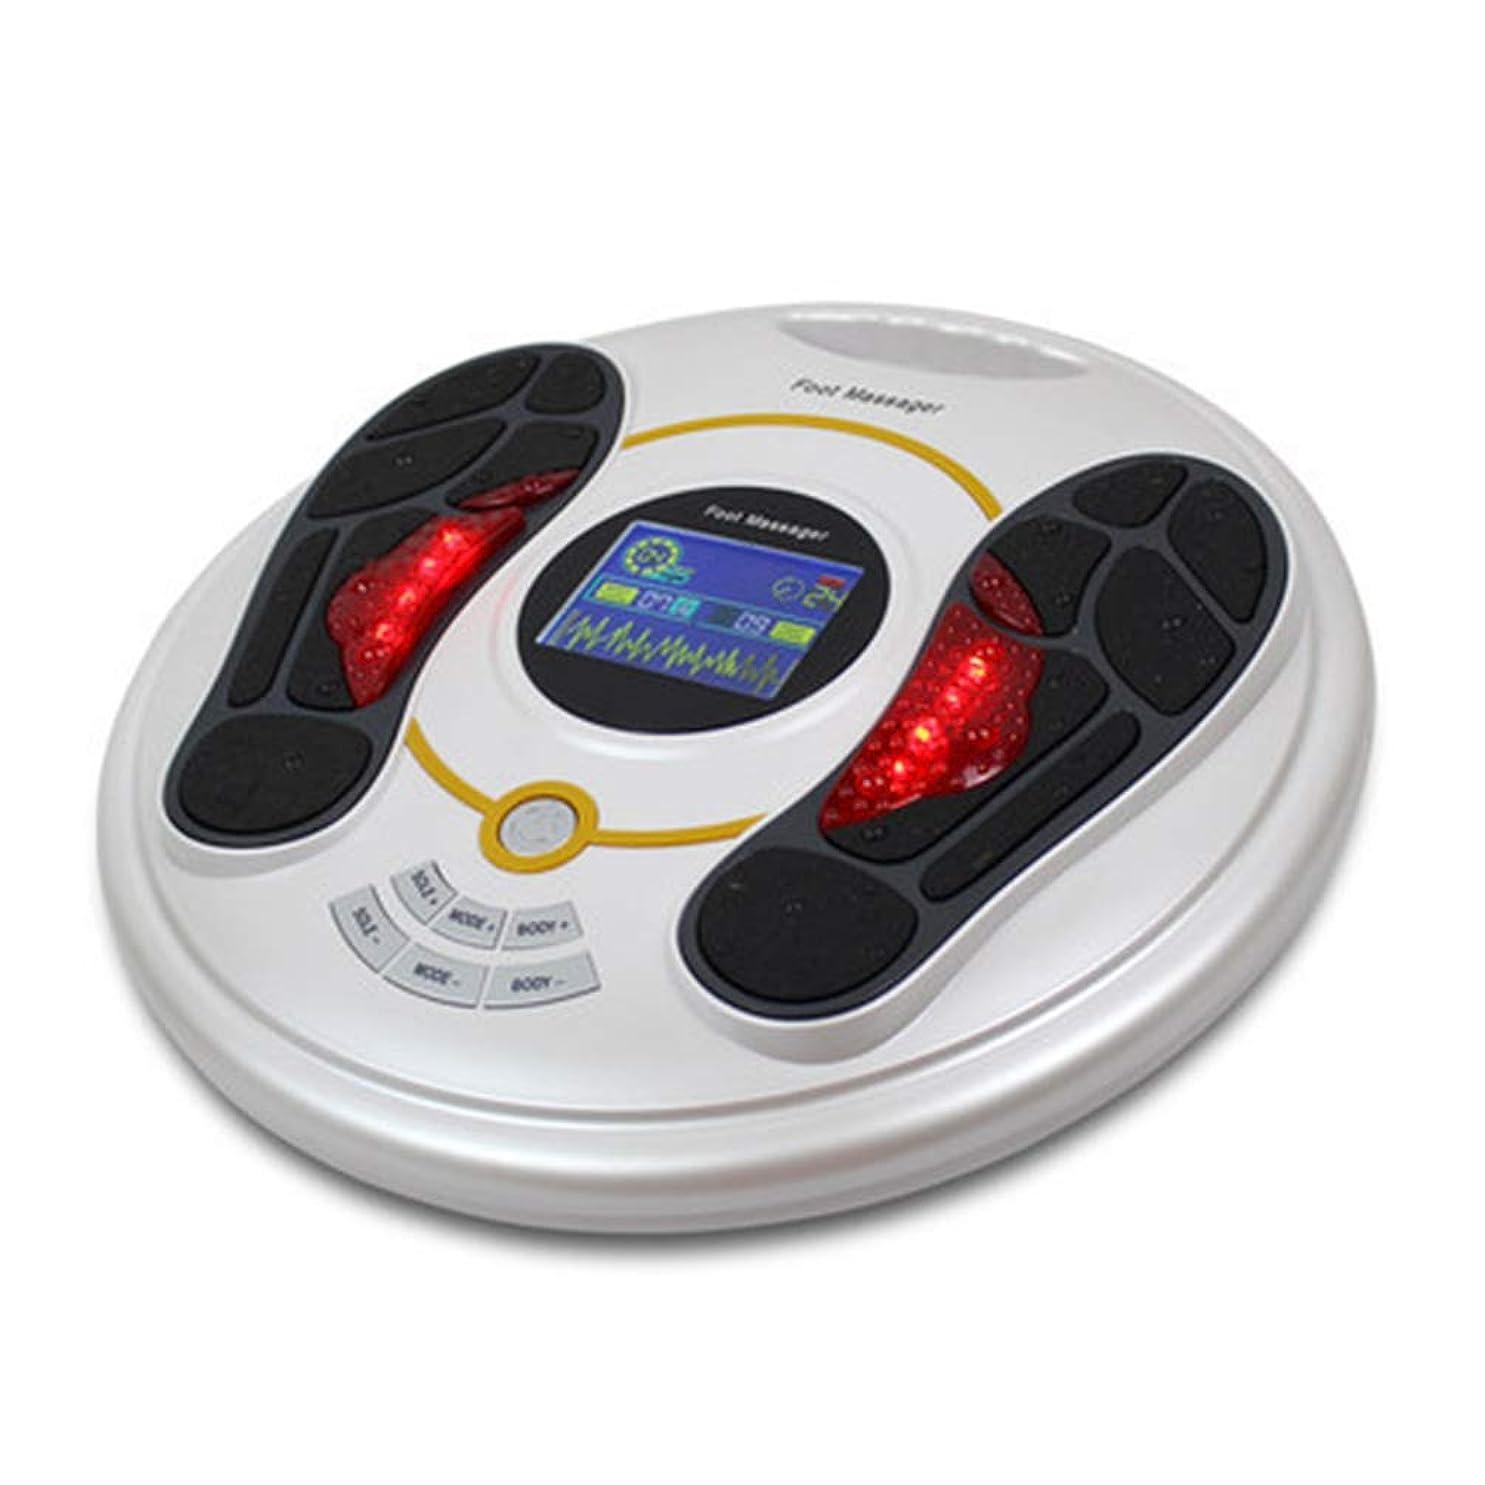 滑りやすいスモッグベックス調整可能 電磁石の足のマッサージャー、指圧ボディマッサージャーの循環のマッサージャーは血循環療法の苦痛救助を刺激するために後押しします。 リラックス, white